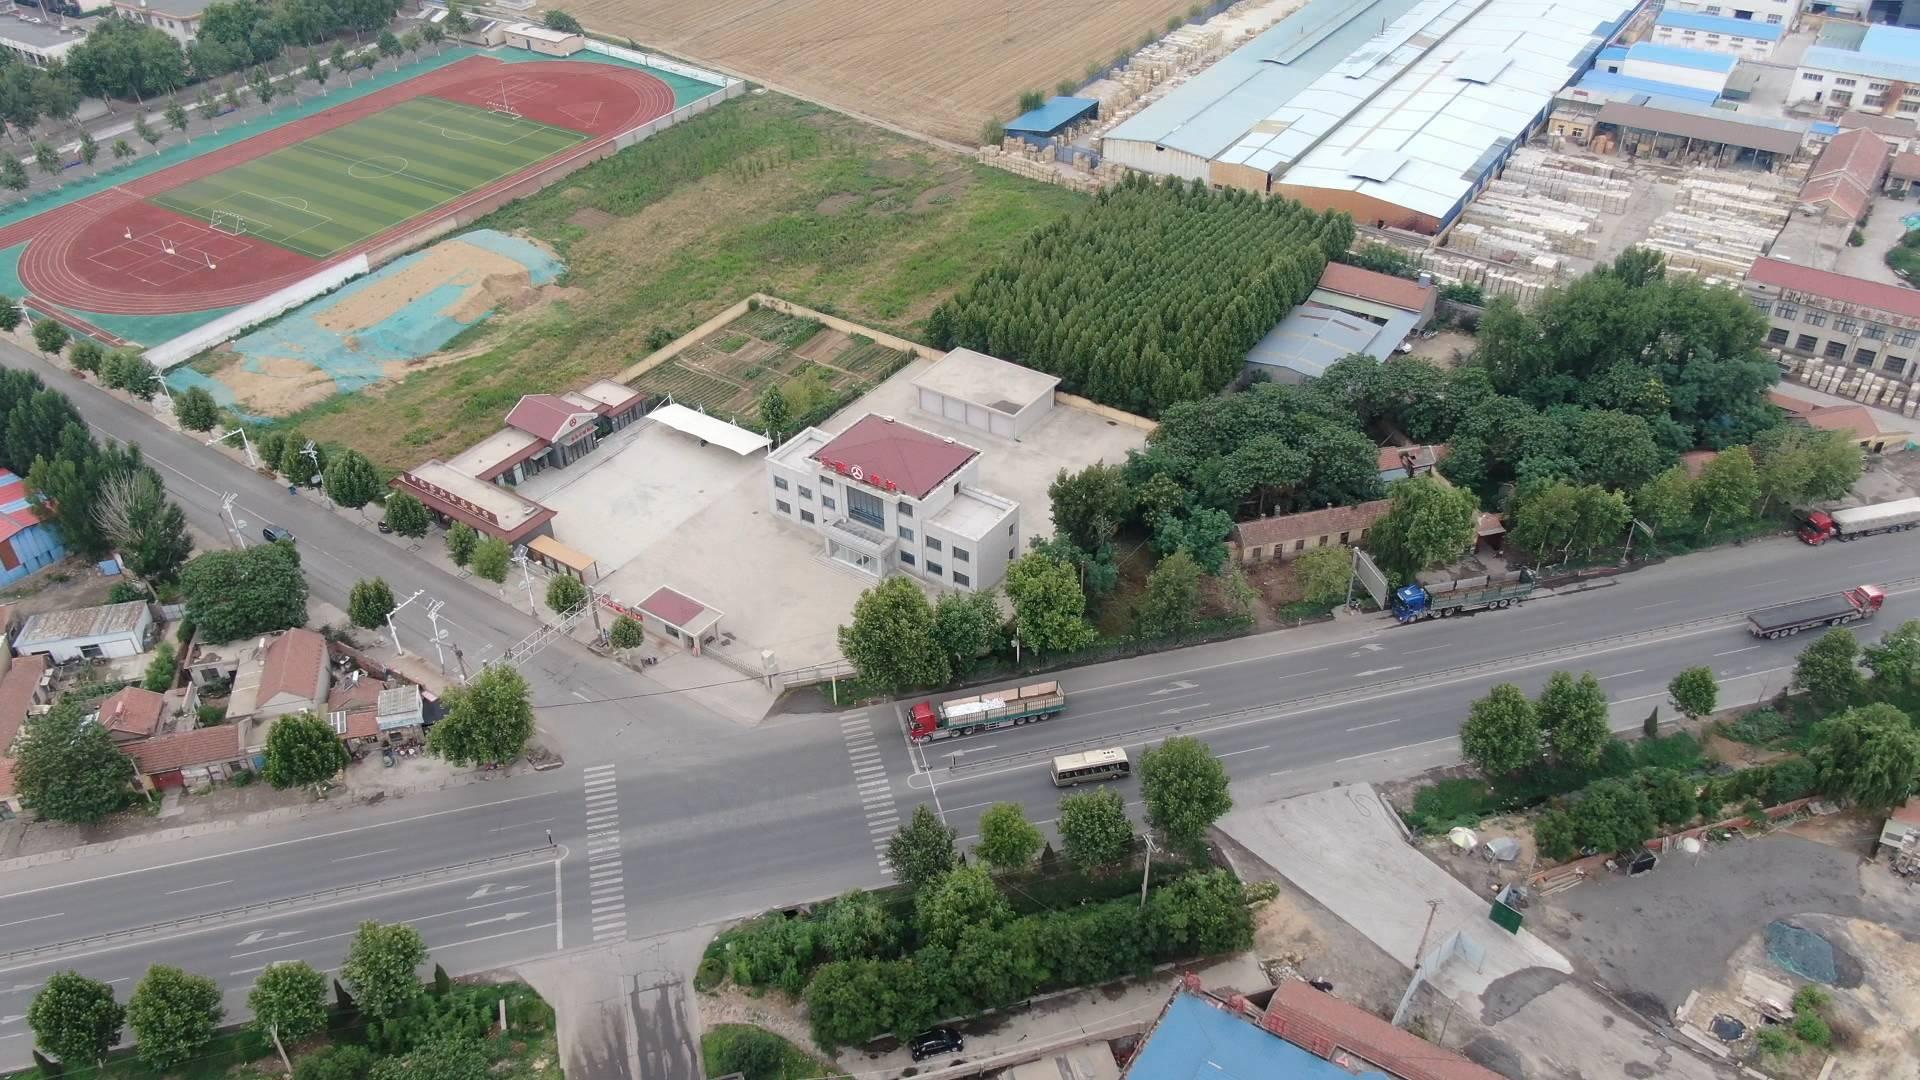 问政追踪丨滨州、潍坊曝光驿站全部正常开放 当地:为民服务意识仍需强化